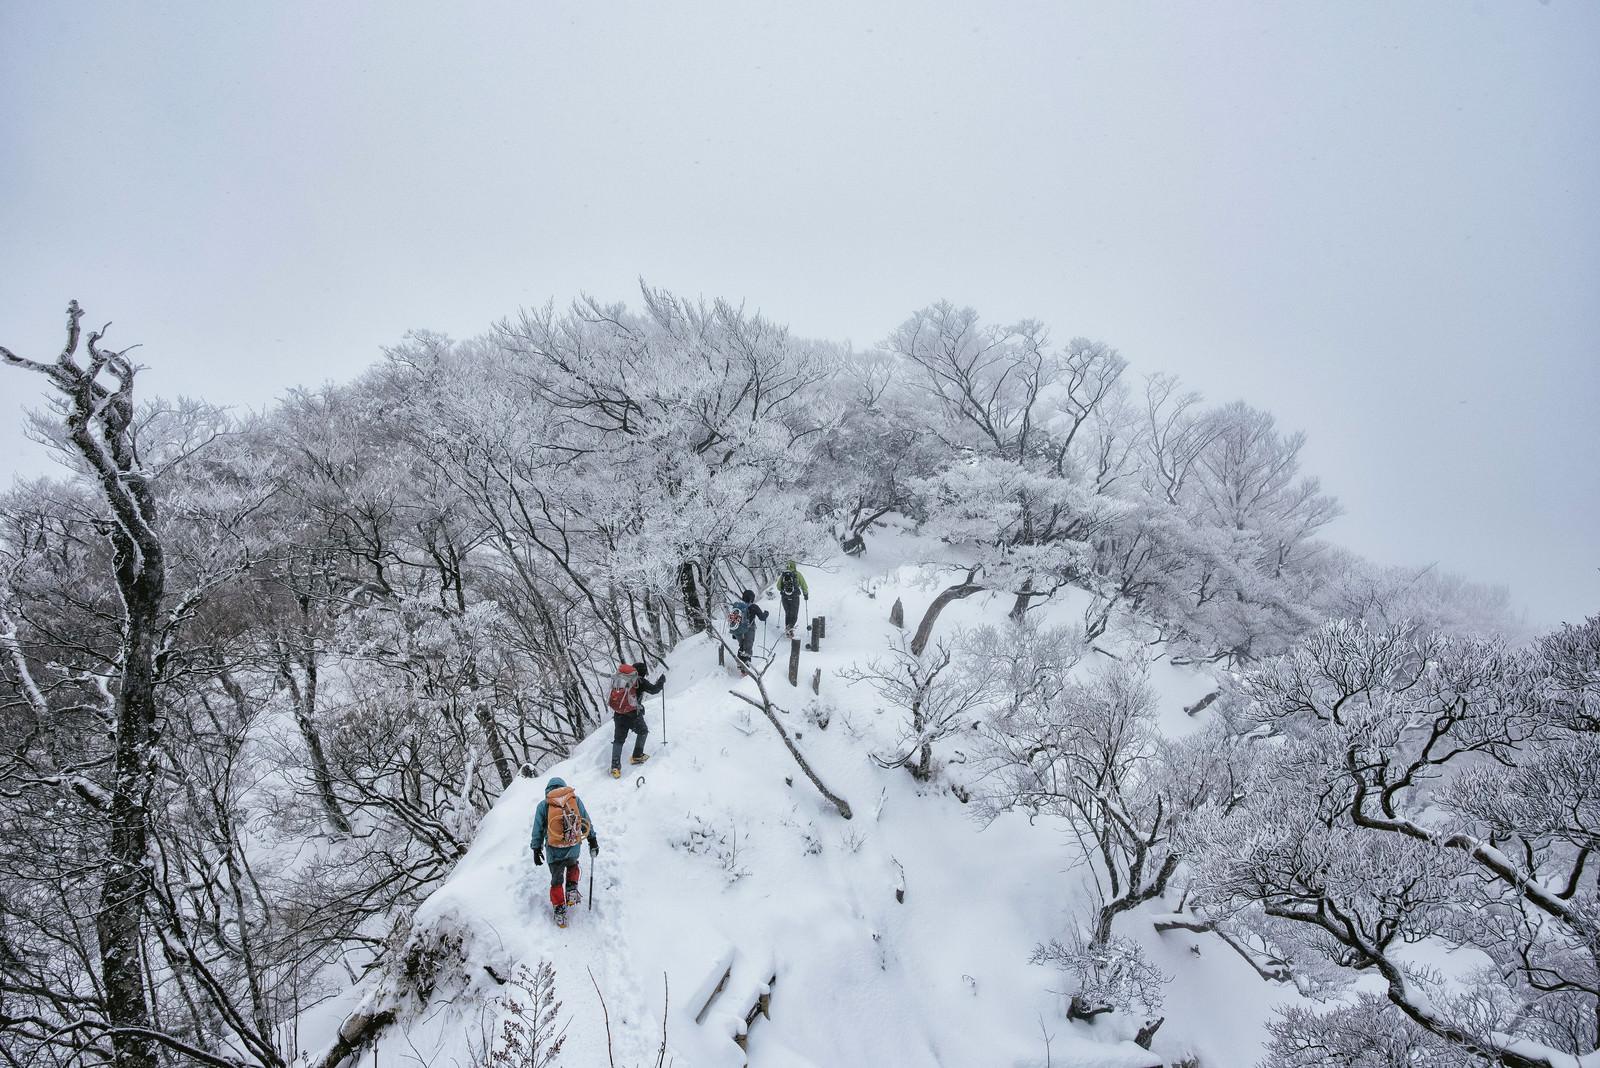 「丹沢主稜線を進む登山パーティー」の写真